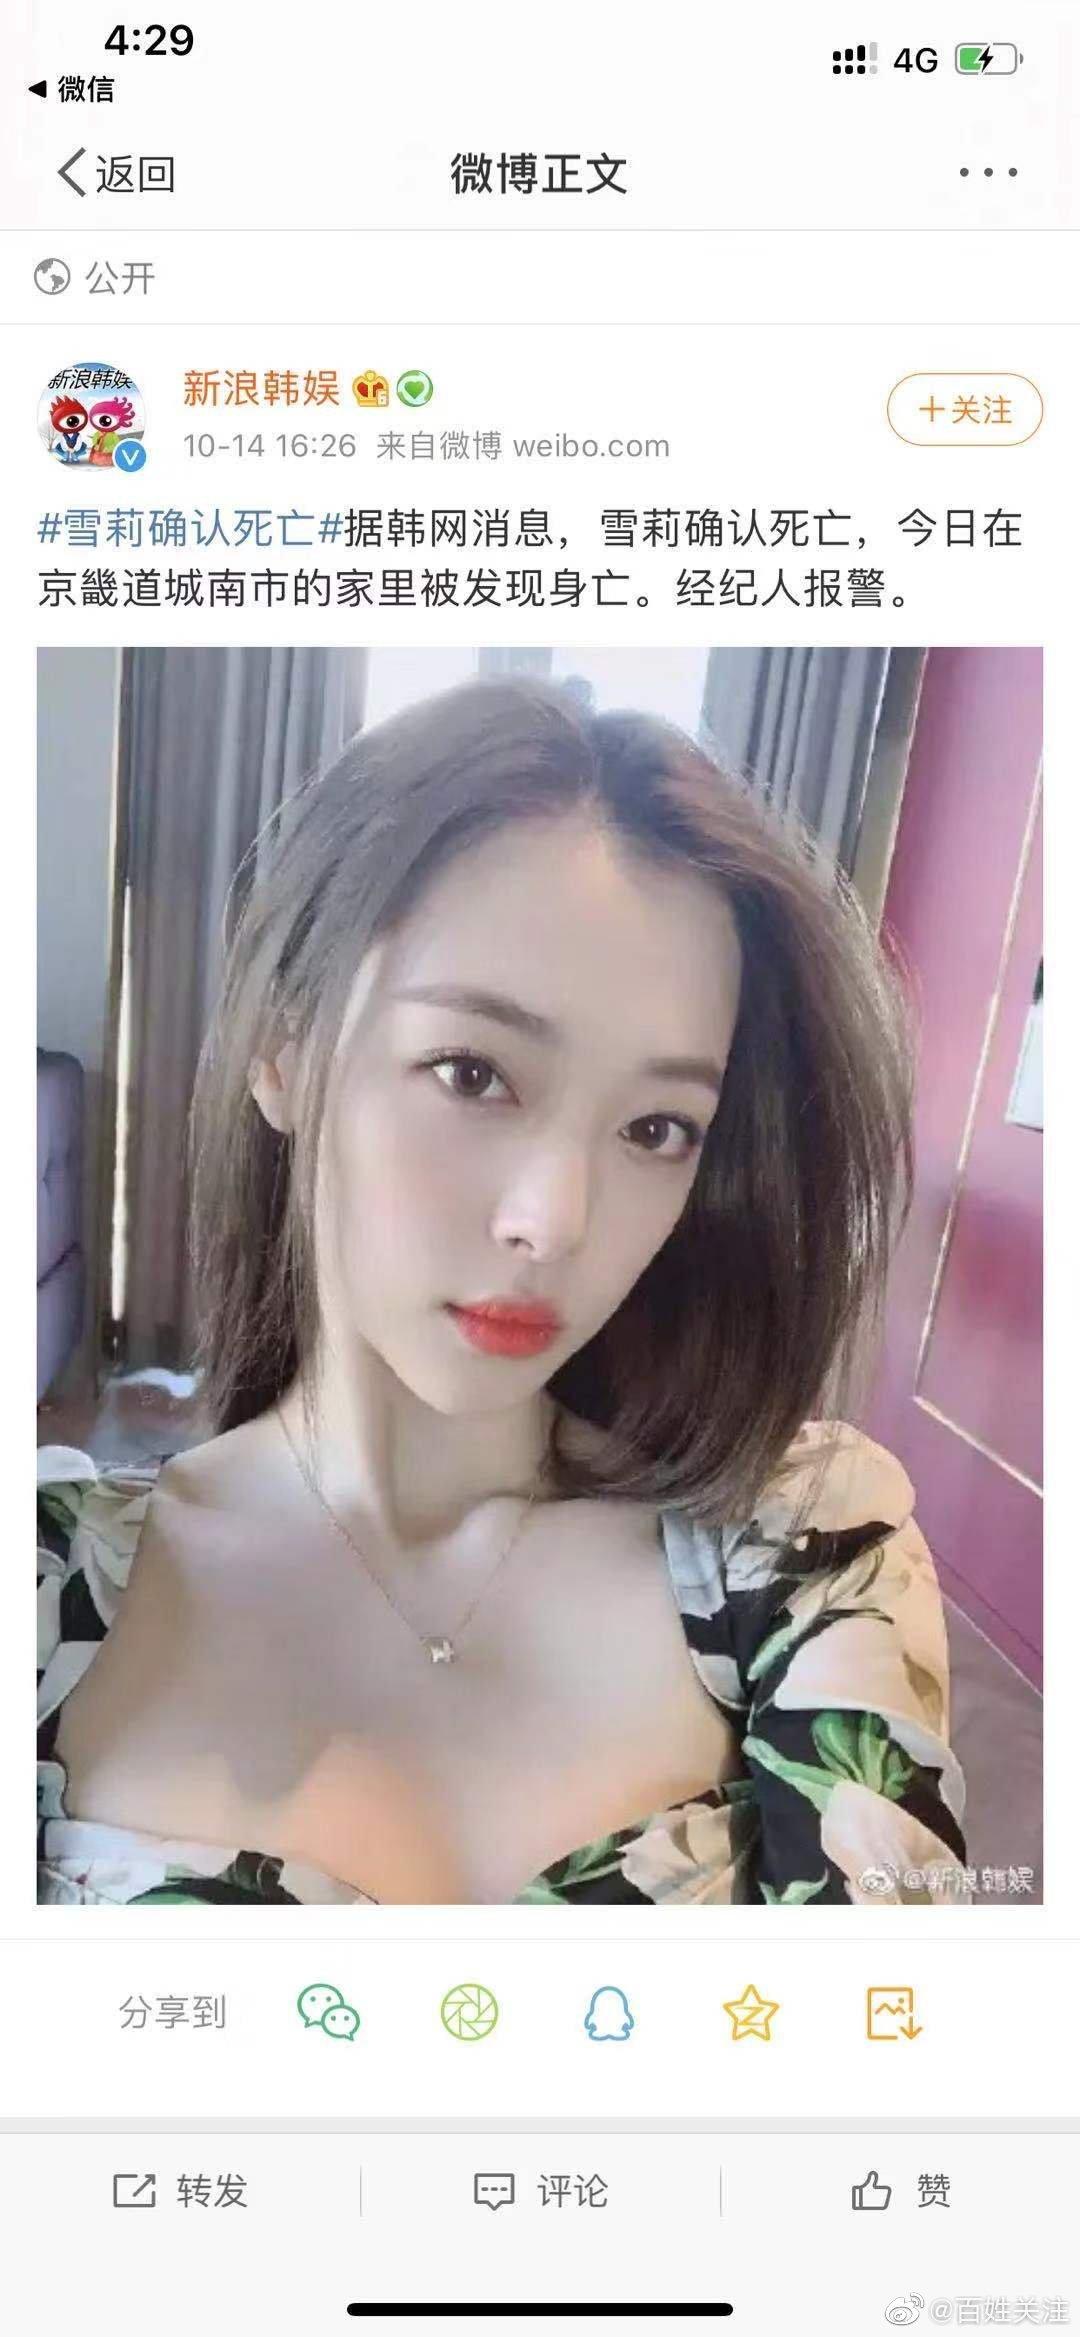 据韩网消息,雪梨确认死亡,今日在家里发现身亡,经纪人已经报警